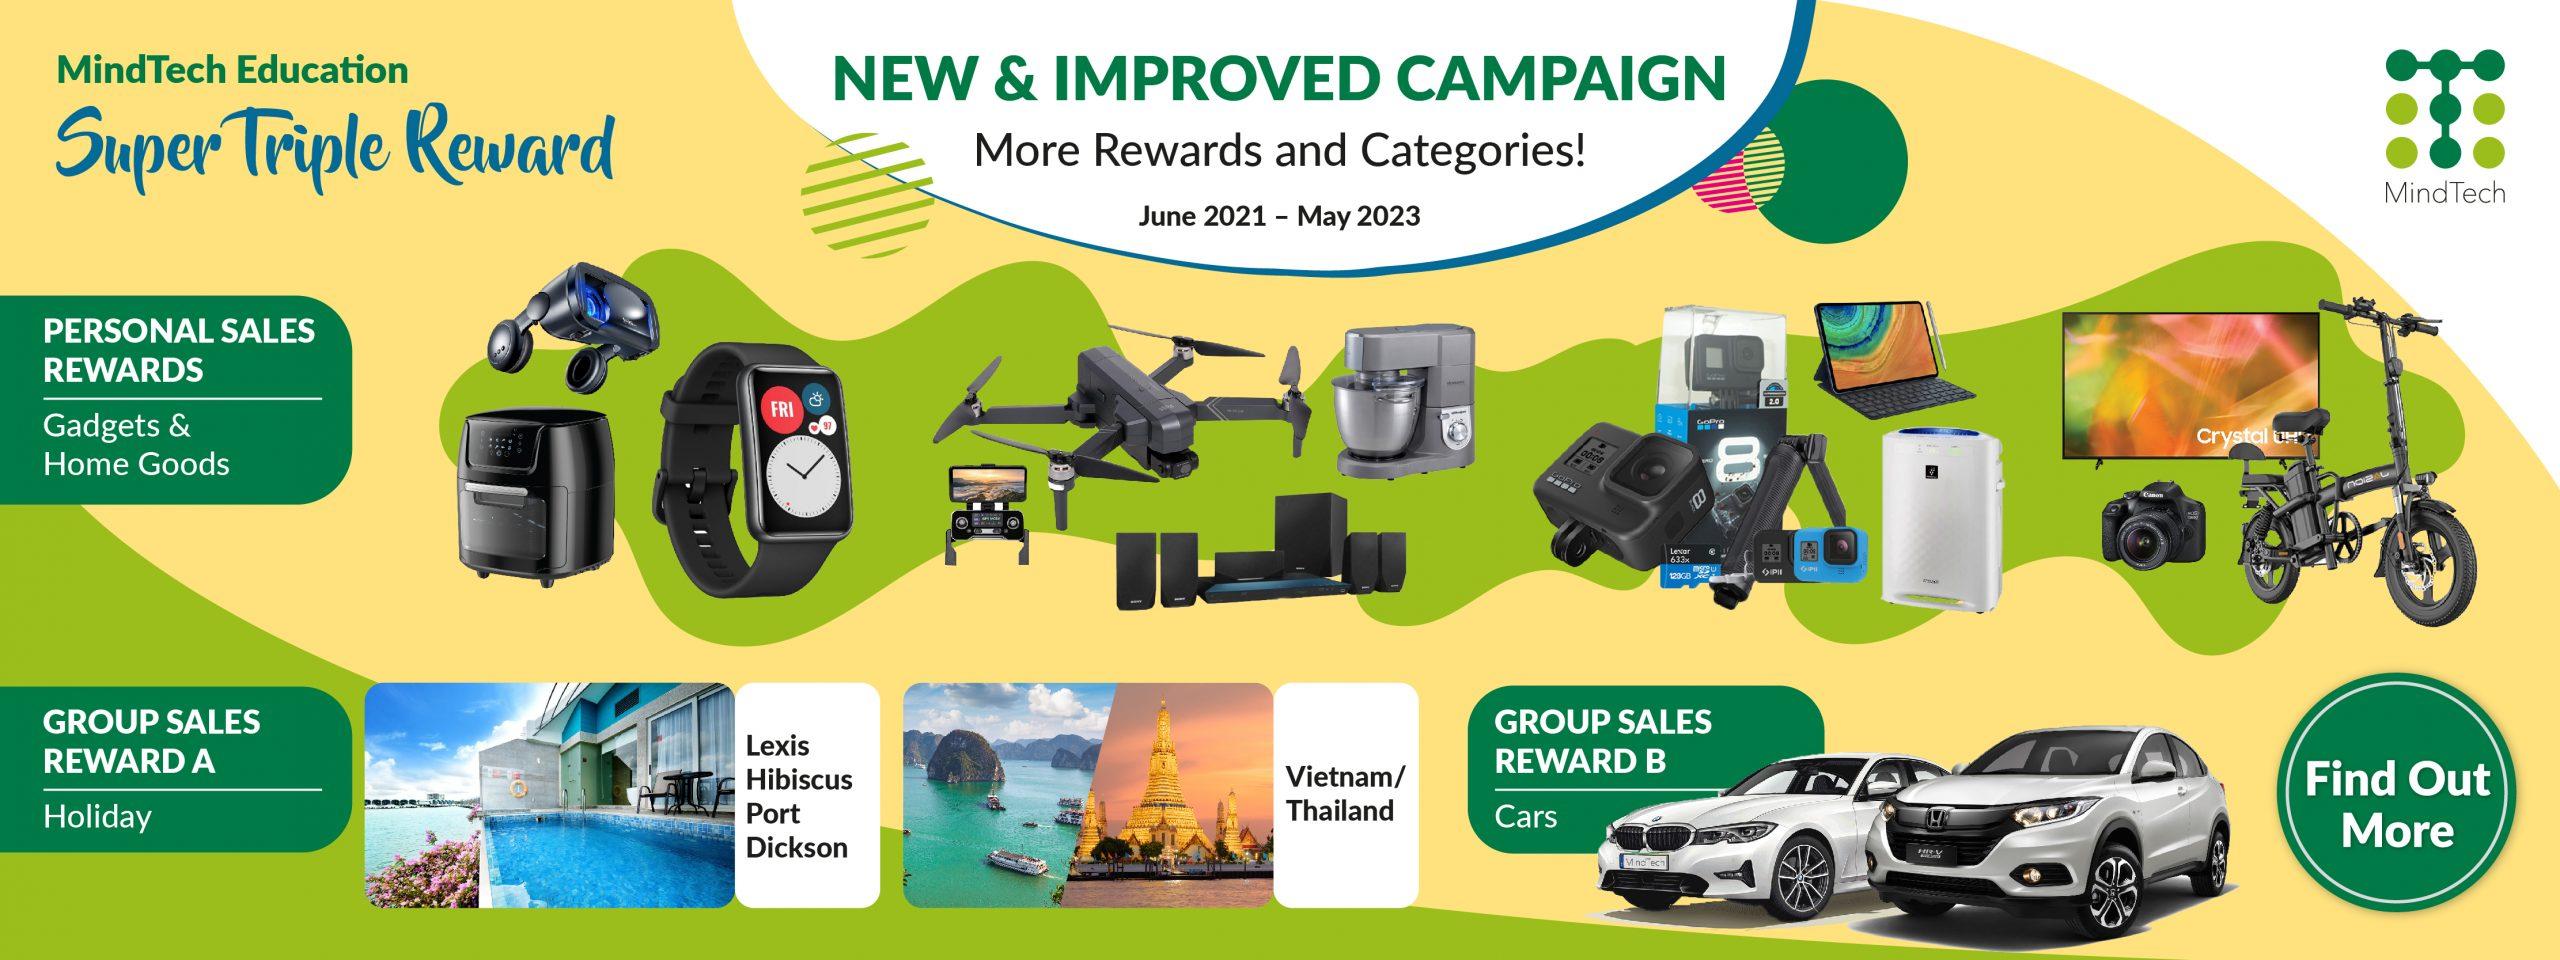 MindTech Super Triple Reward campaign_Web Banner_New prizes_2-01 (1)